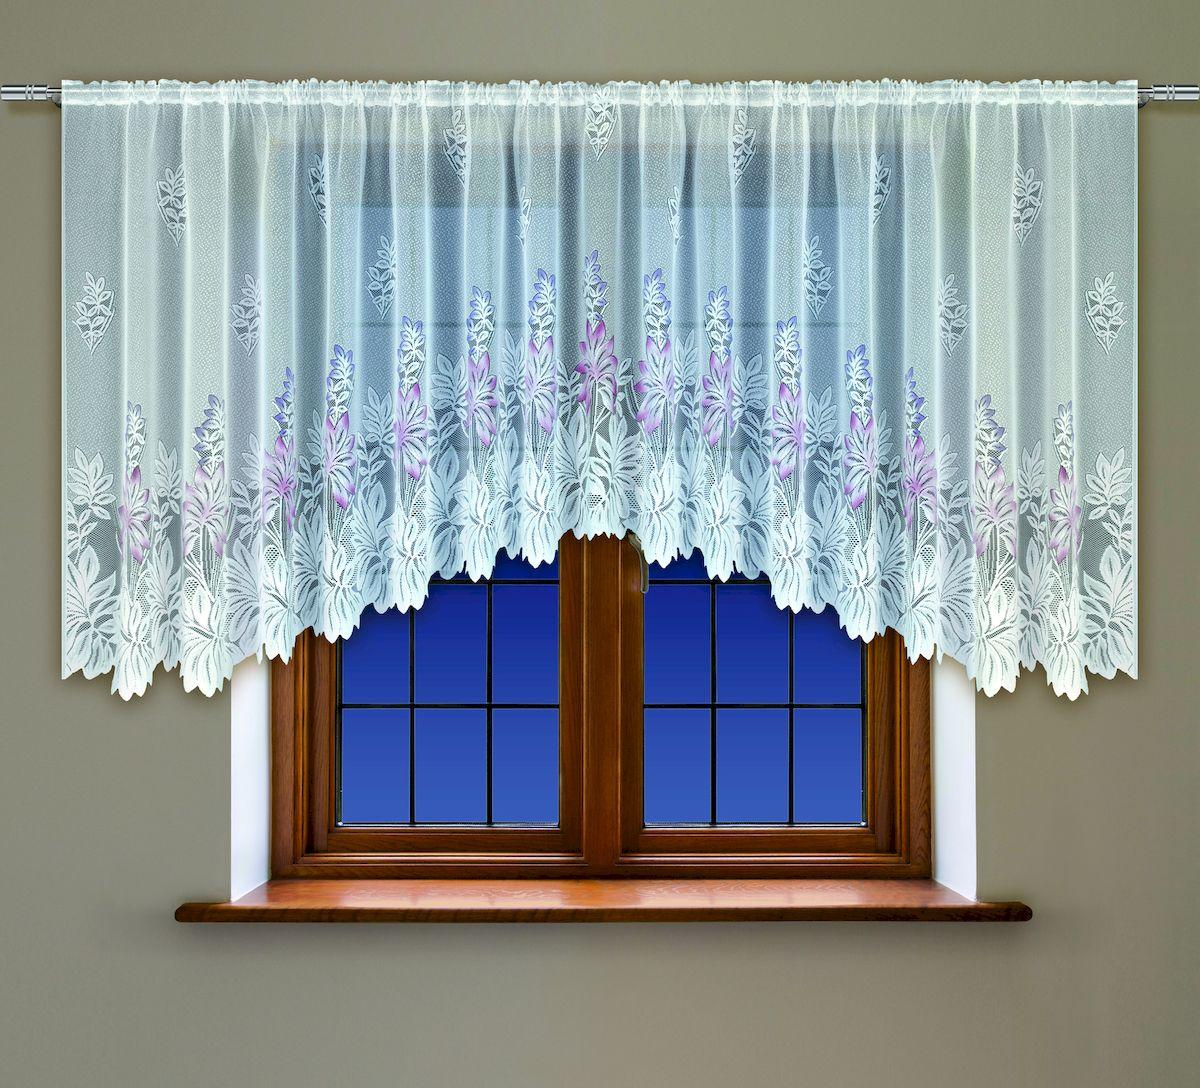 Гардина Haft, на кулиске, цвет: белый, высота 160 см. 200530200530/160Воздушная гардина Haft, выполненная из полиэстера, великолепно украсит любое окно.Изделие имеет оригинальный дизайн и органично впишется в интерьер помещения.Гардина крепится на карниз при помощи кулиски.